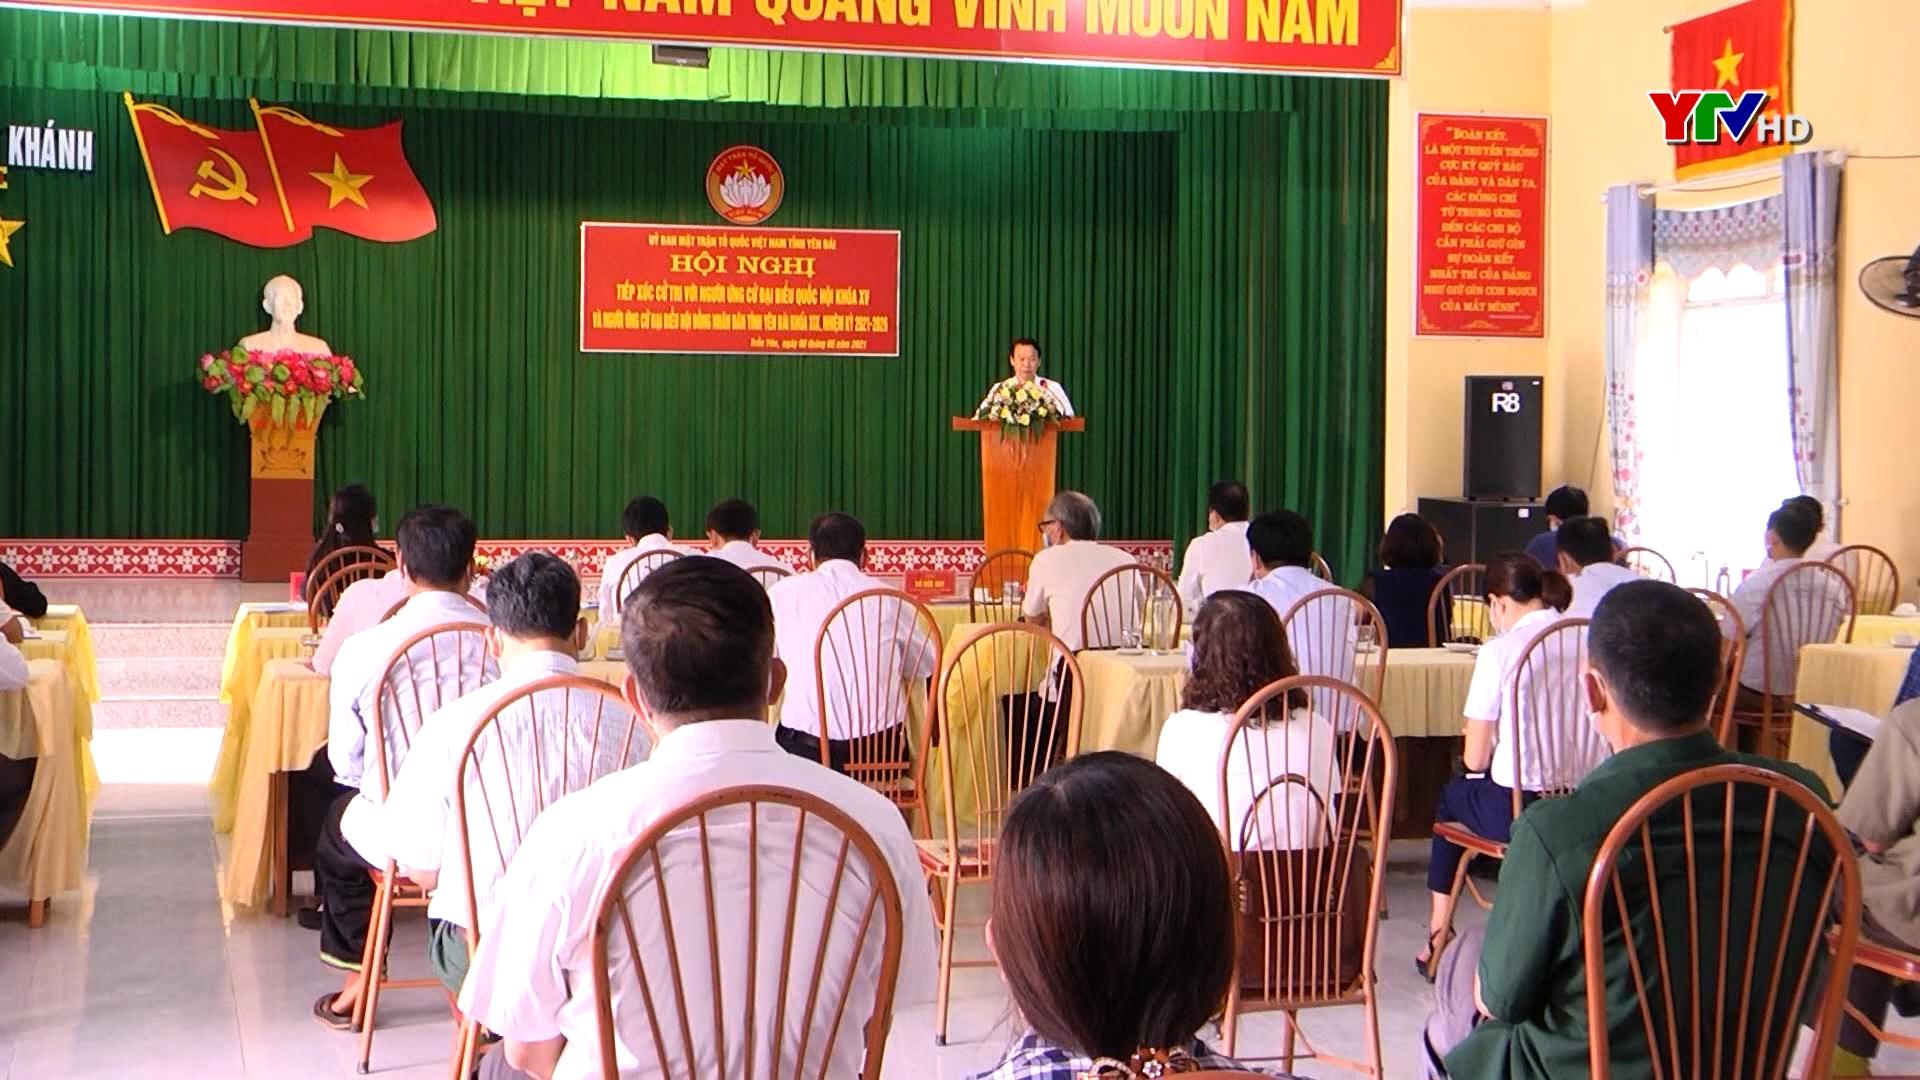 Hội nghị tiếp xúc cử tri tại huyện Trấn Yên